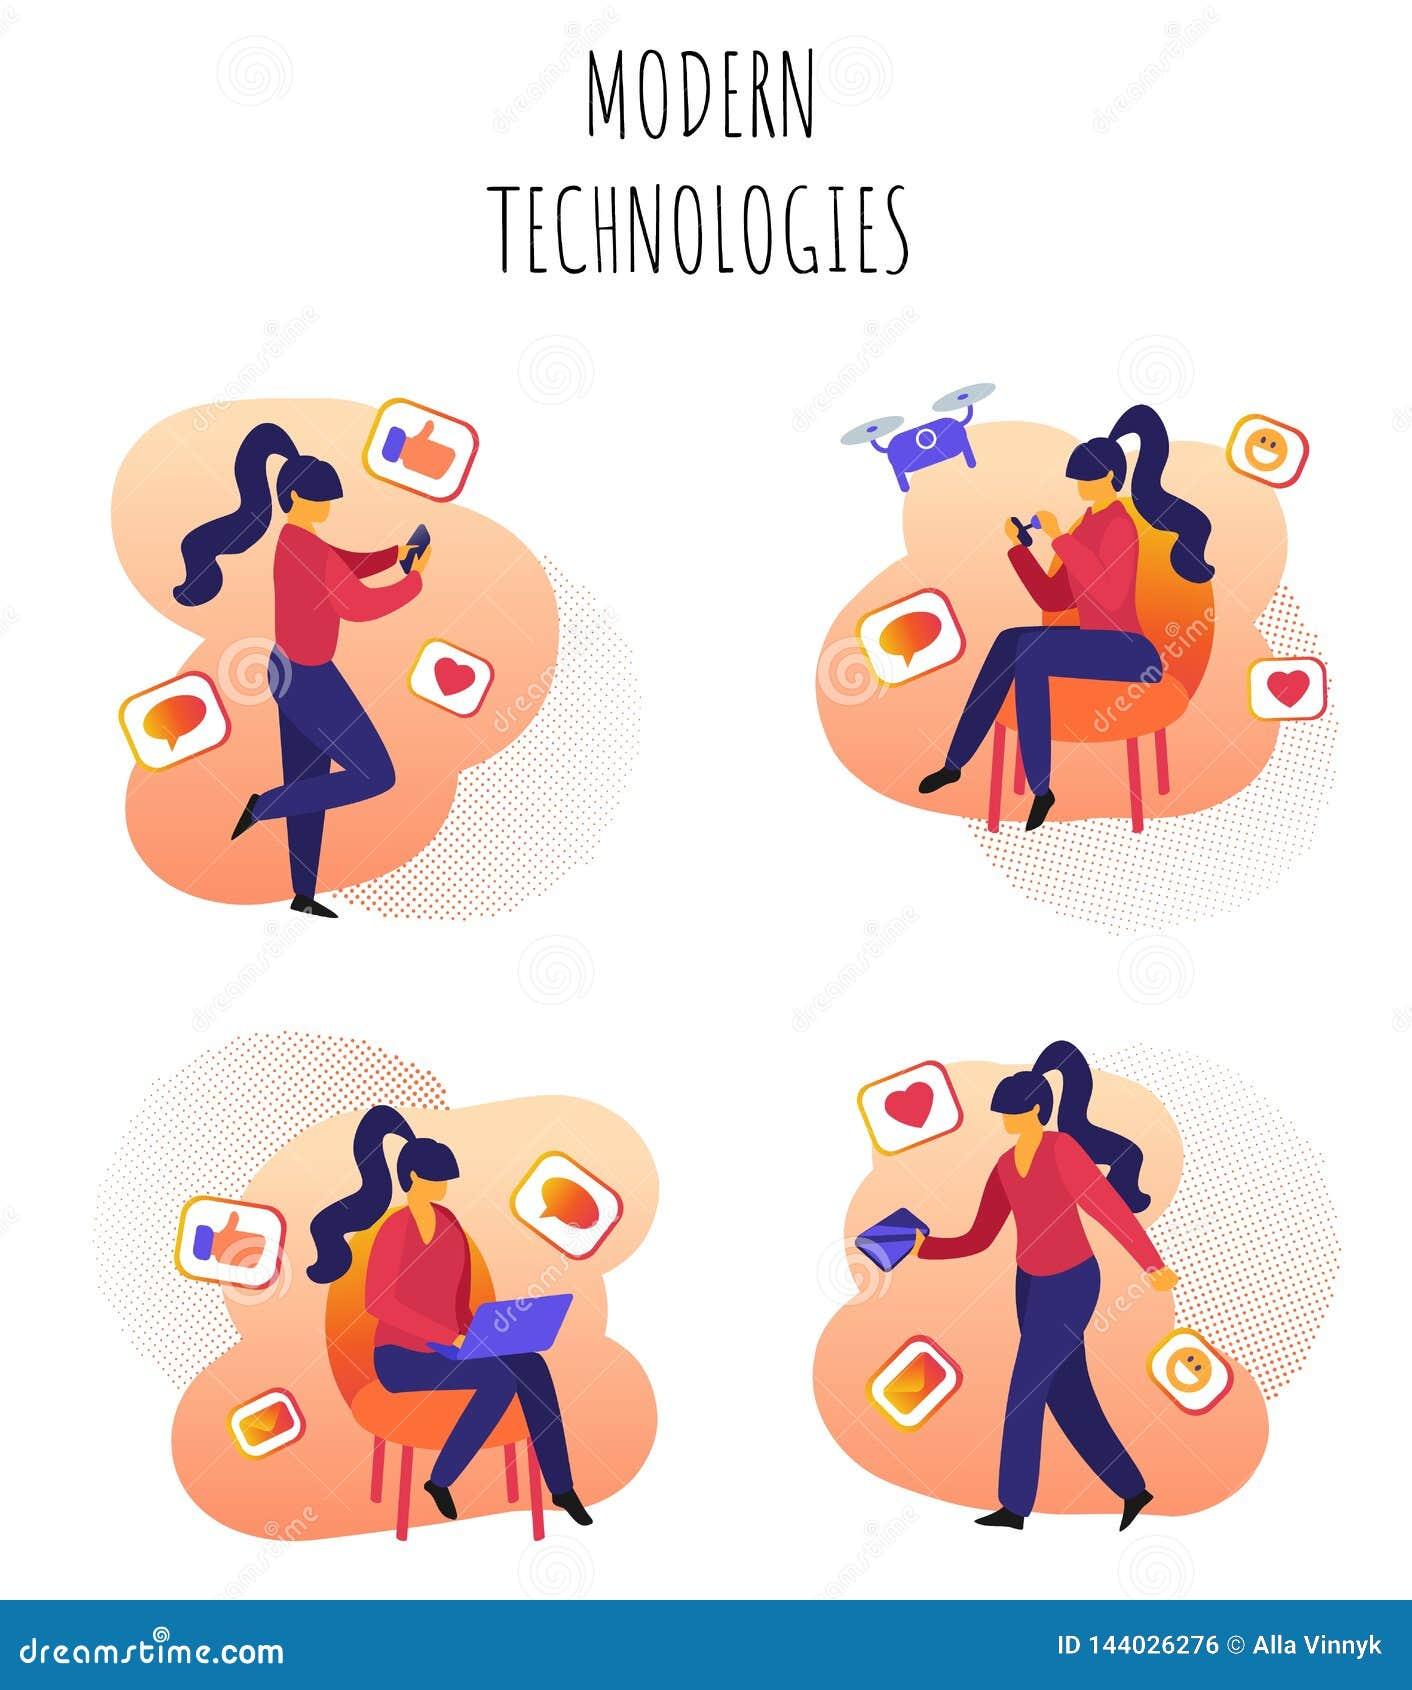 Vektor-Illustration geschriebene moderne Technologien